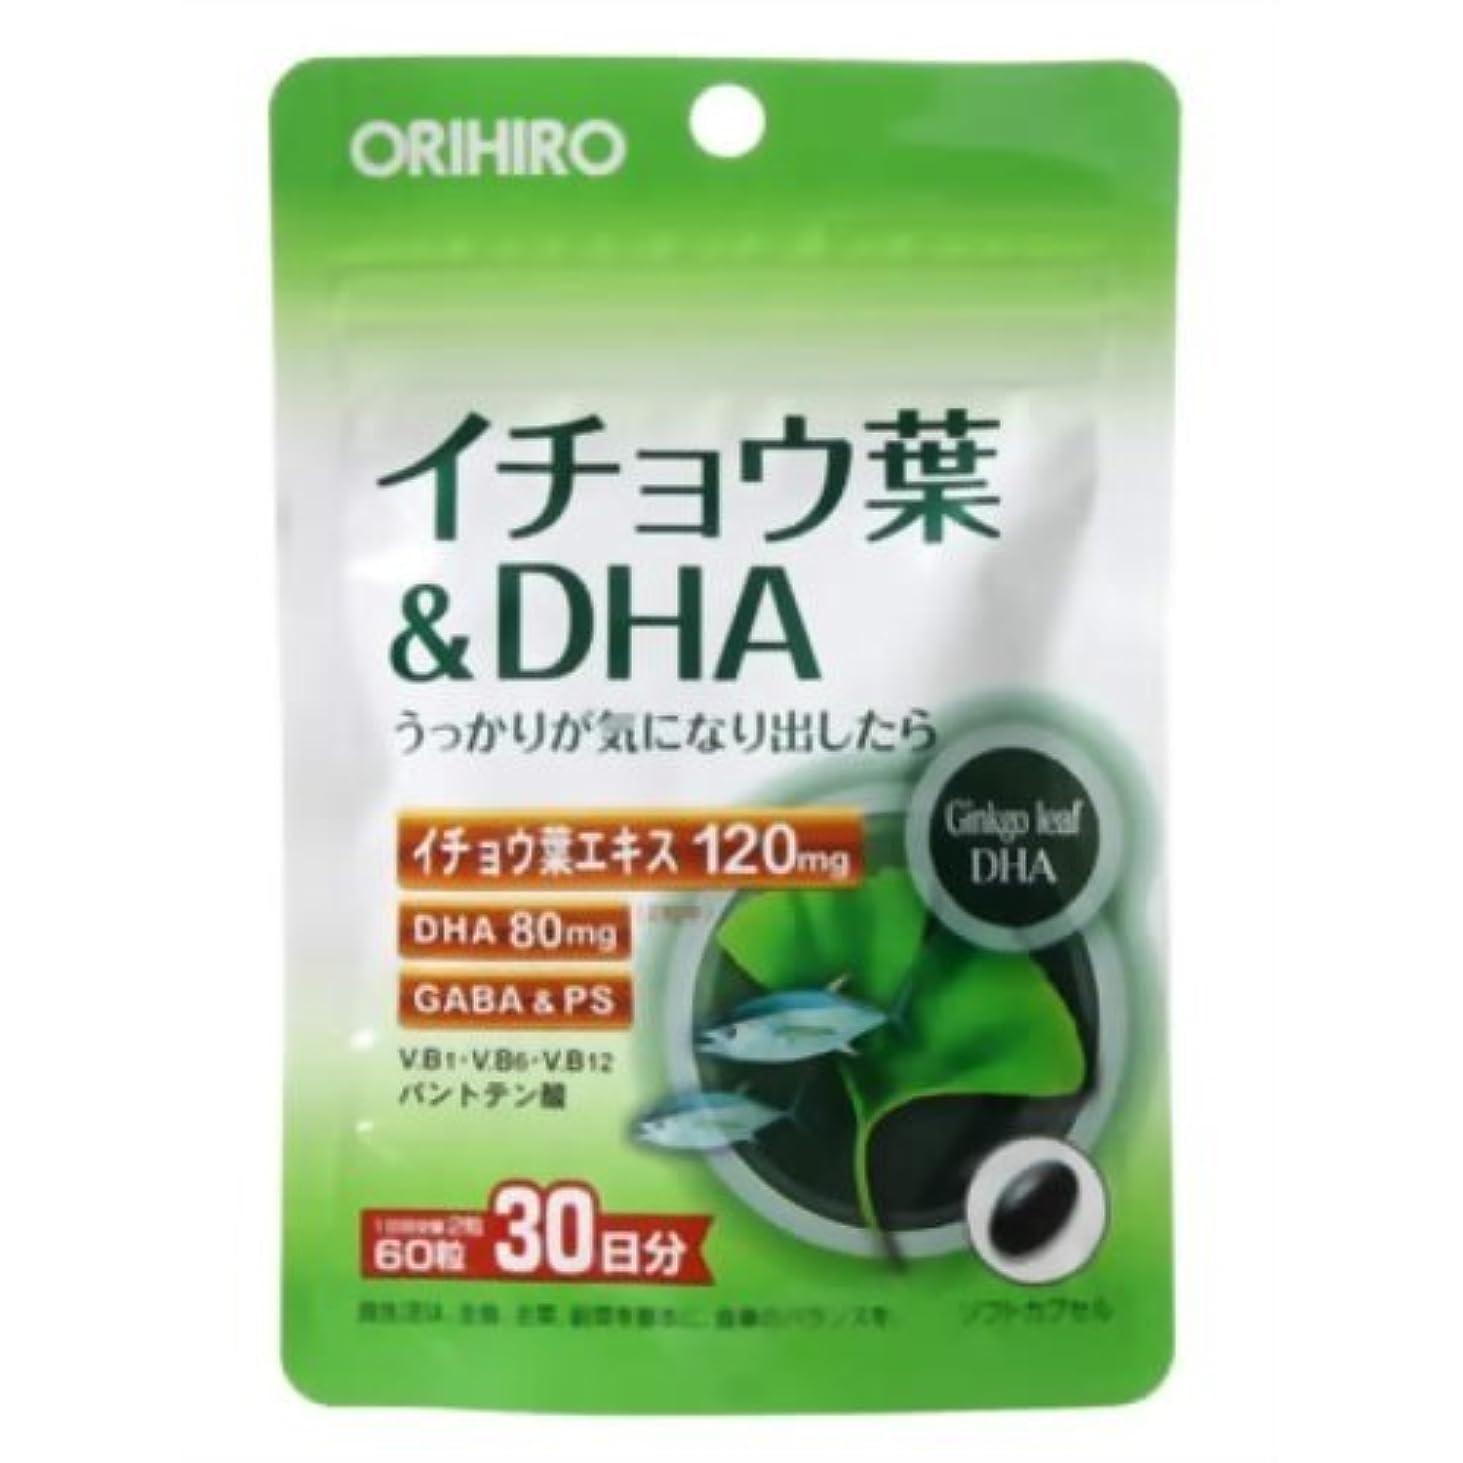 標高完全に楽観オリヒロ イチョウ葉&DHA 60粒